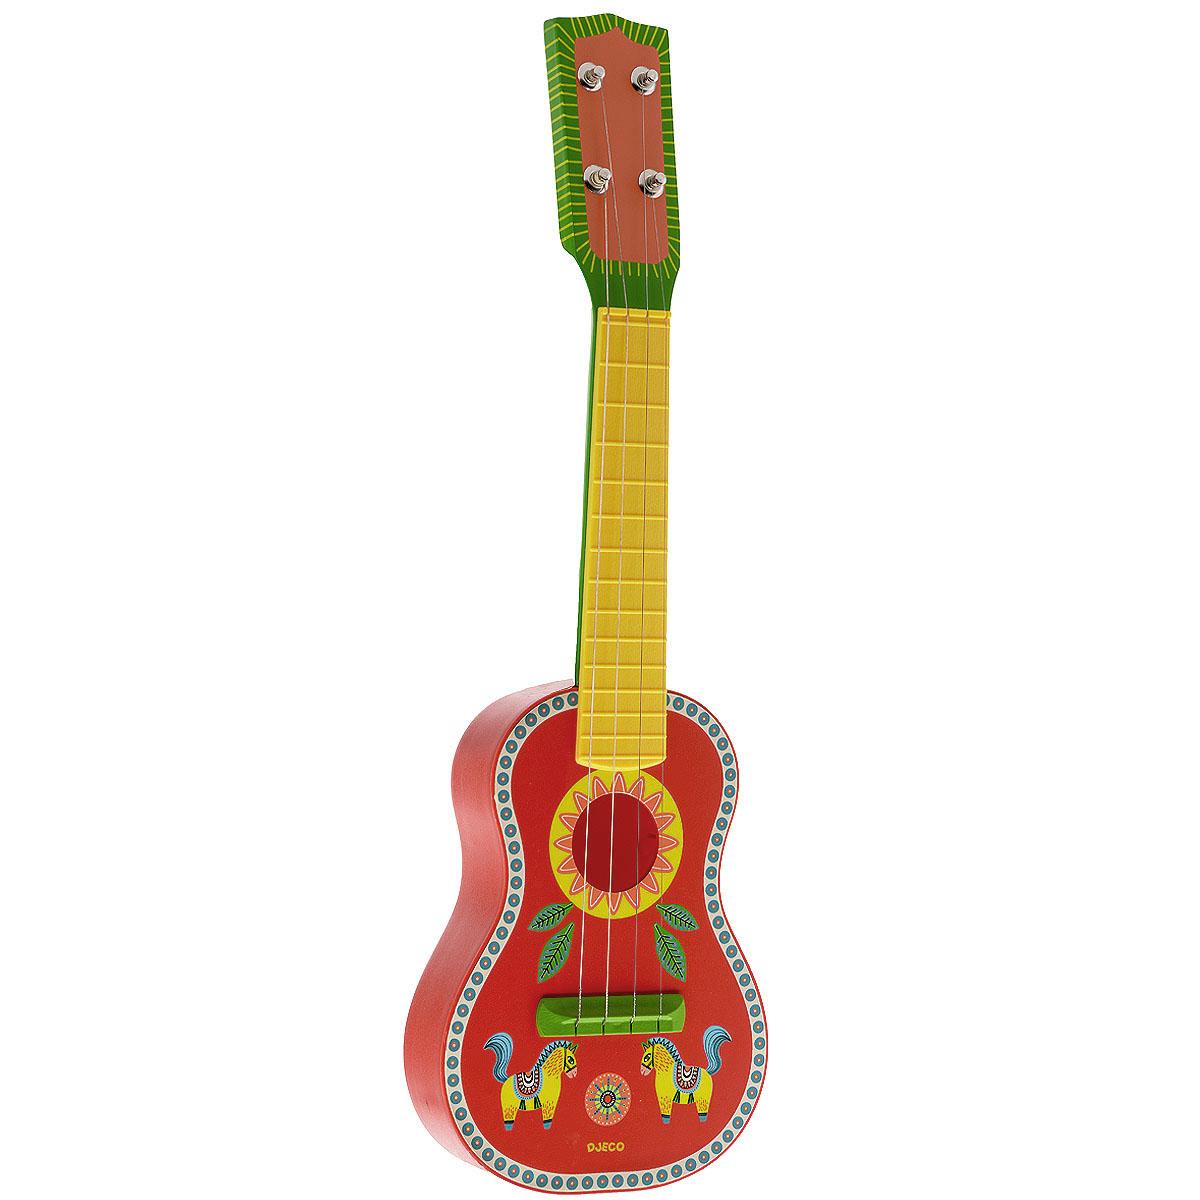 Djeco Гитара Animambo, цвет: красный, зеленый, желтый06013